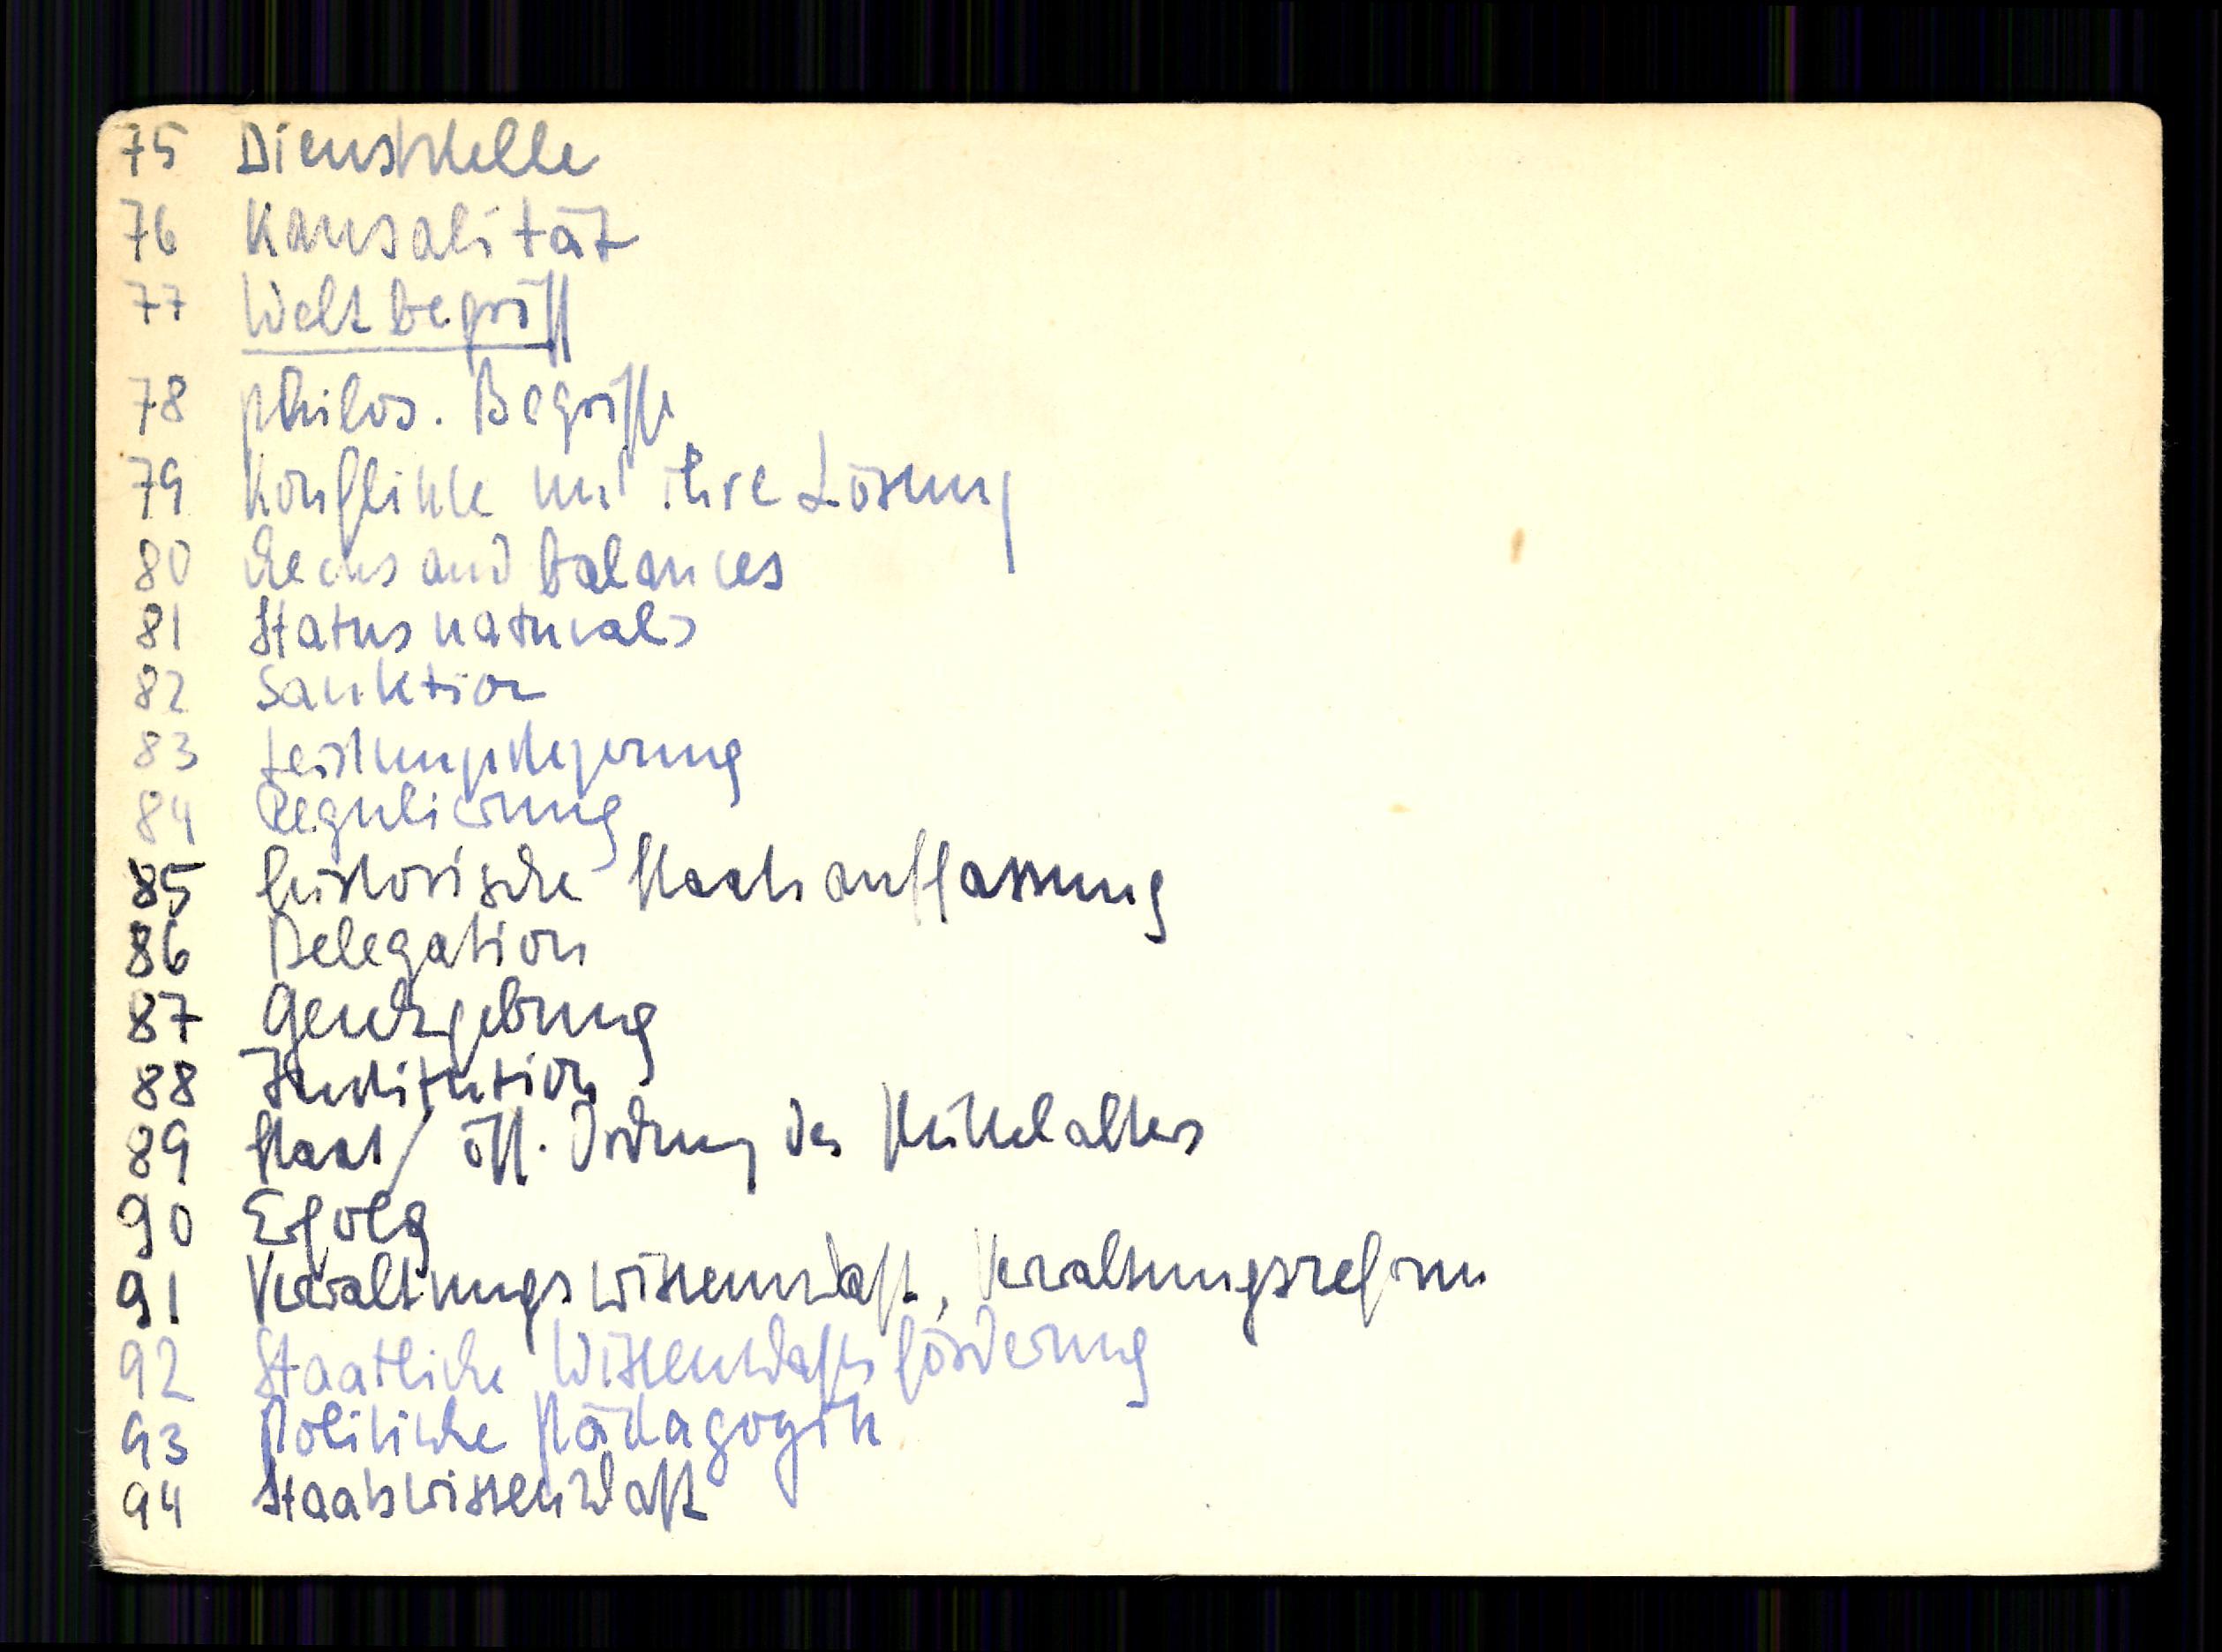 Список ключевых слов первой коллекции Лумана умещался на шести карточках